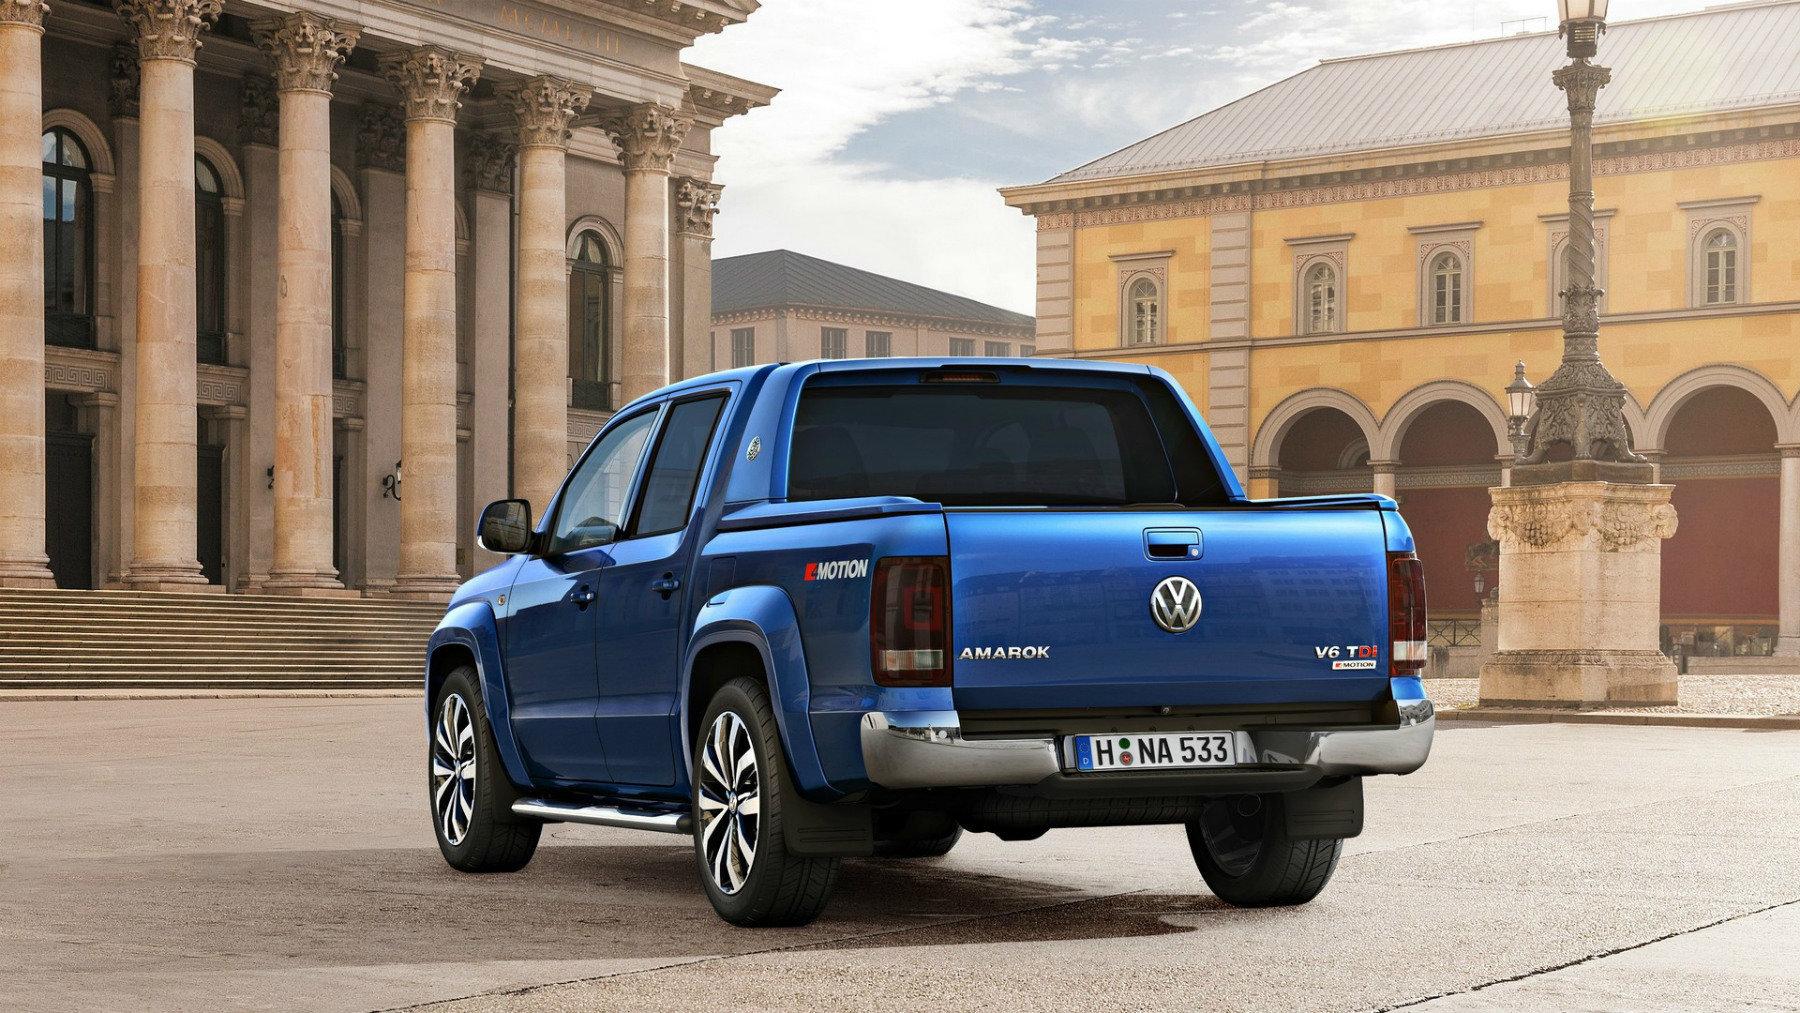 Volkswagen опубликовал эскиз пикапа Amarok нового поколения. Выглядит круто!